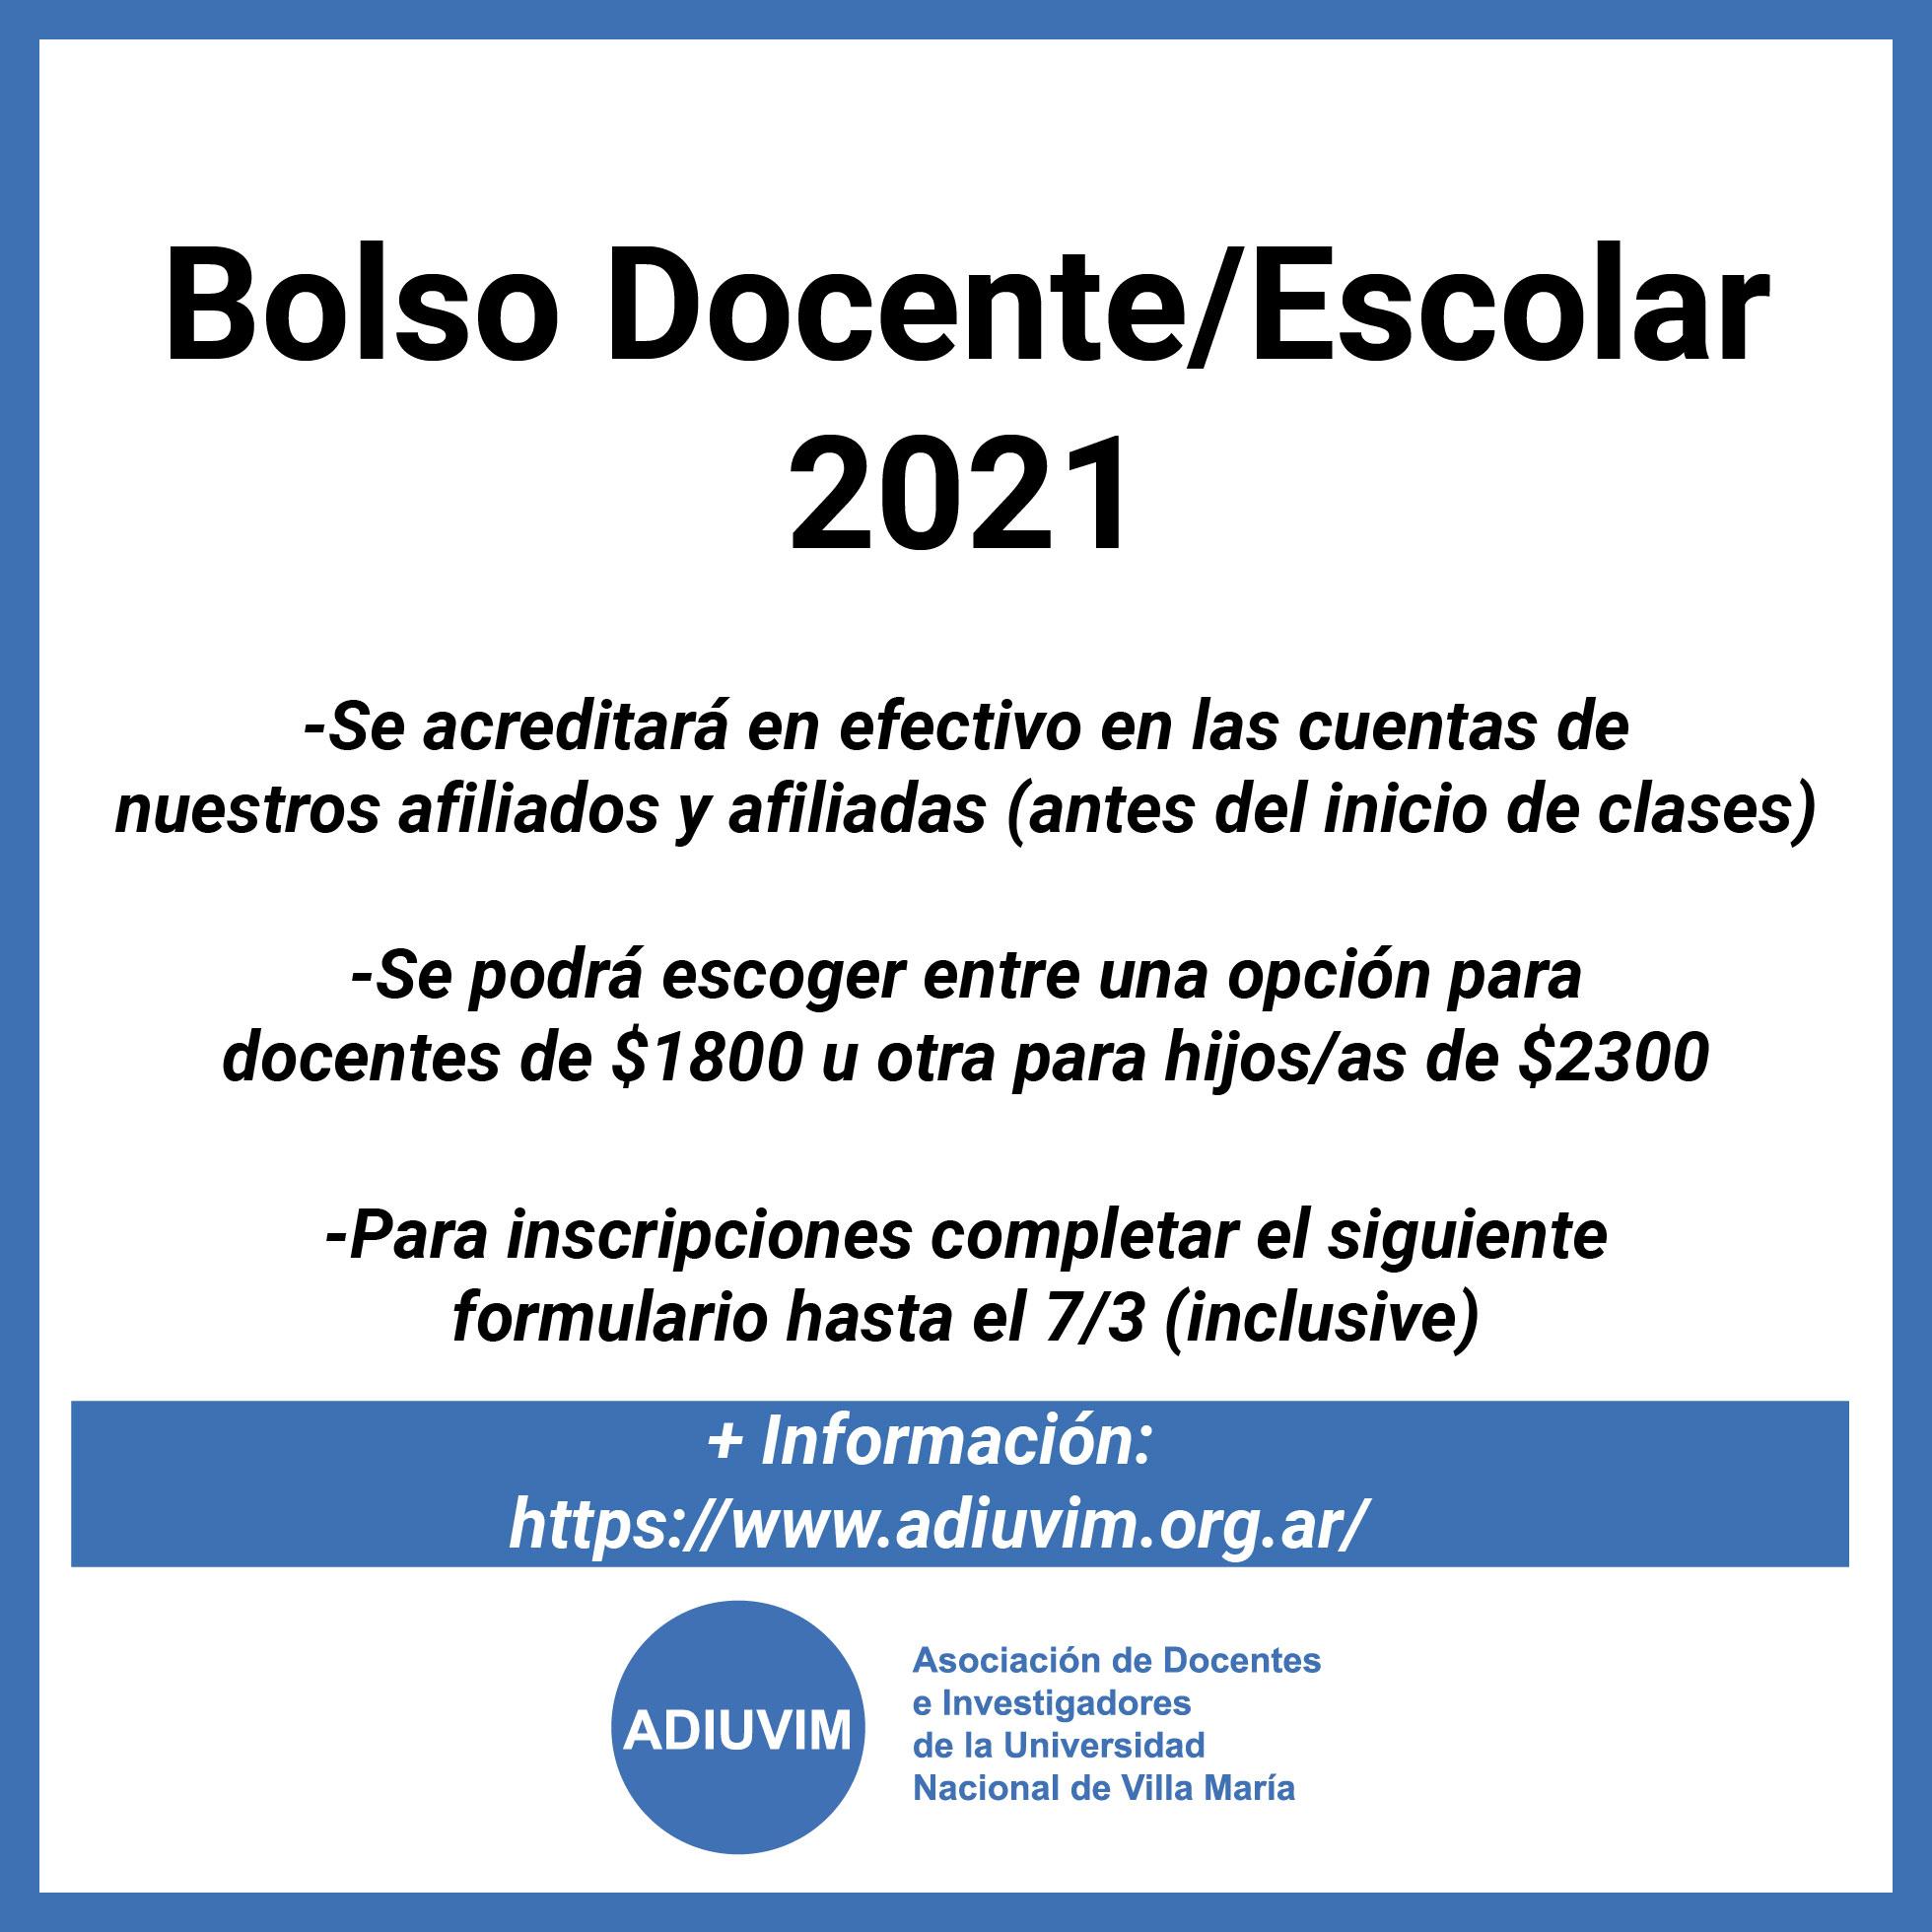 Bolso Docente/Escolar 2021: este año se acreditará en las cuentas de afiliados y afiliadas